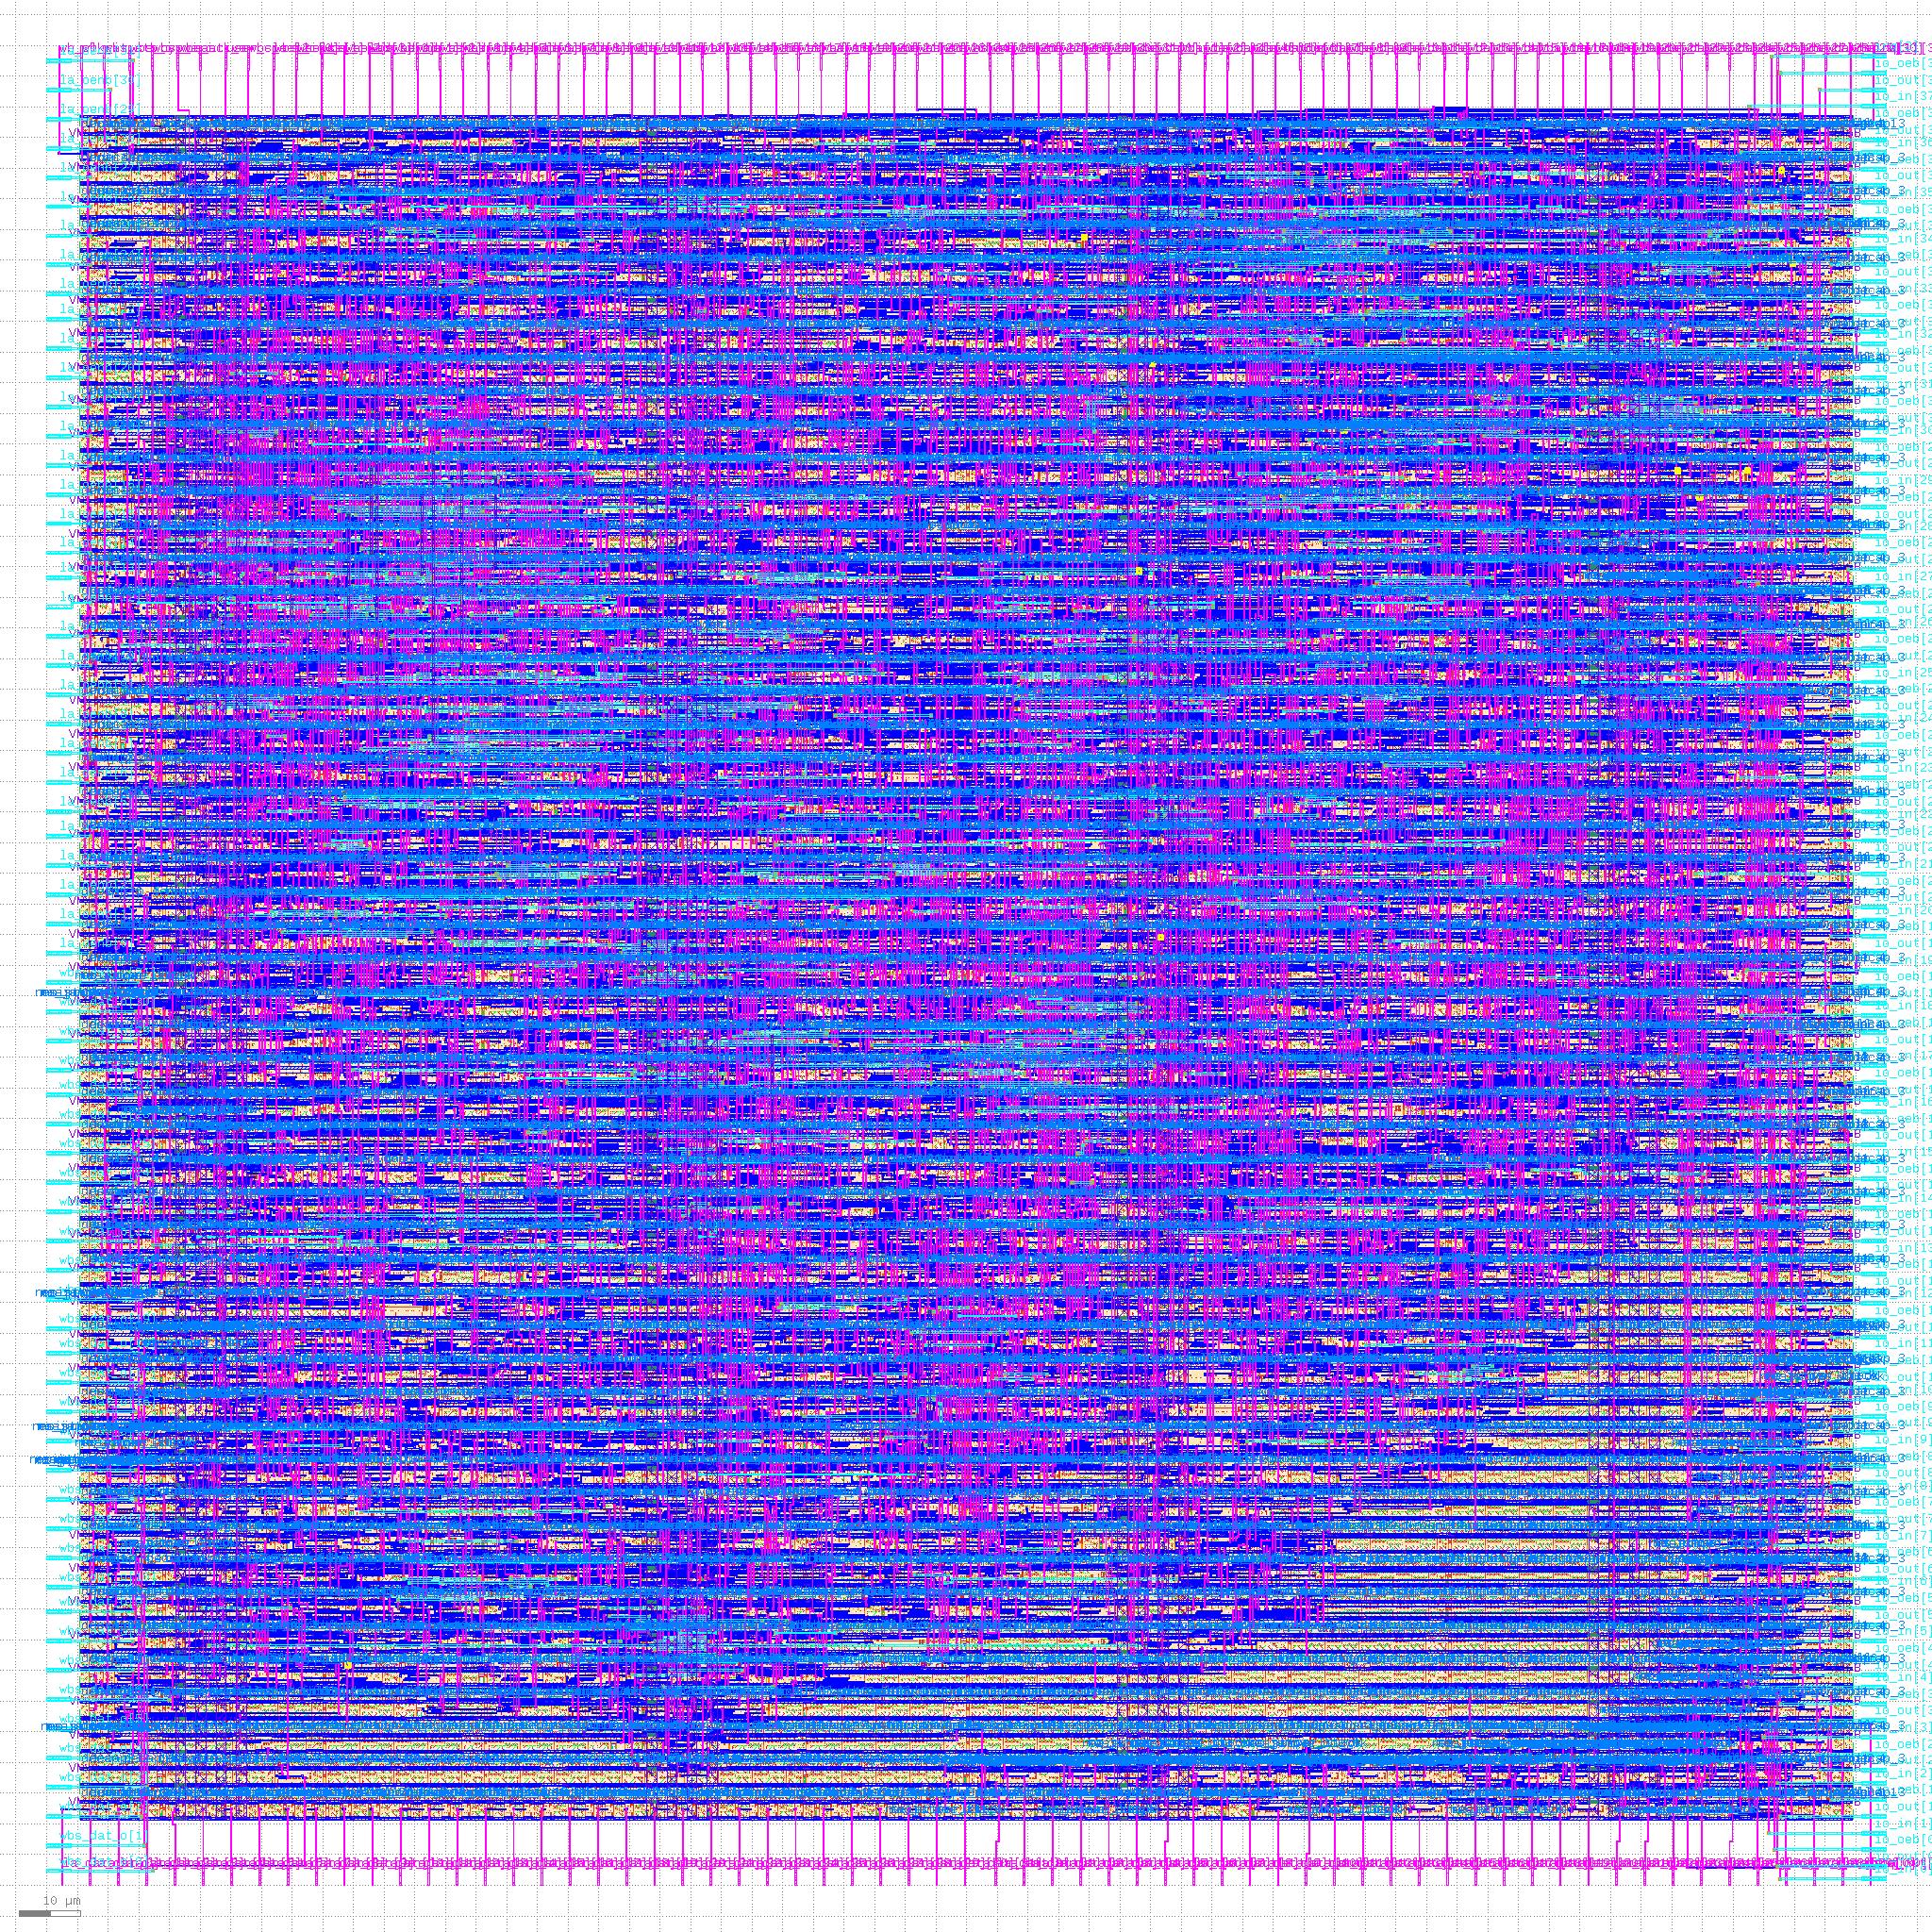 Framebufferless Video Core